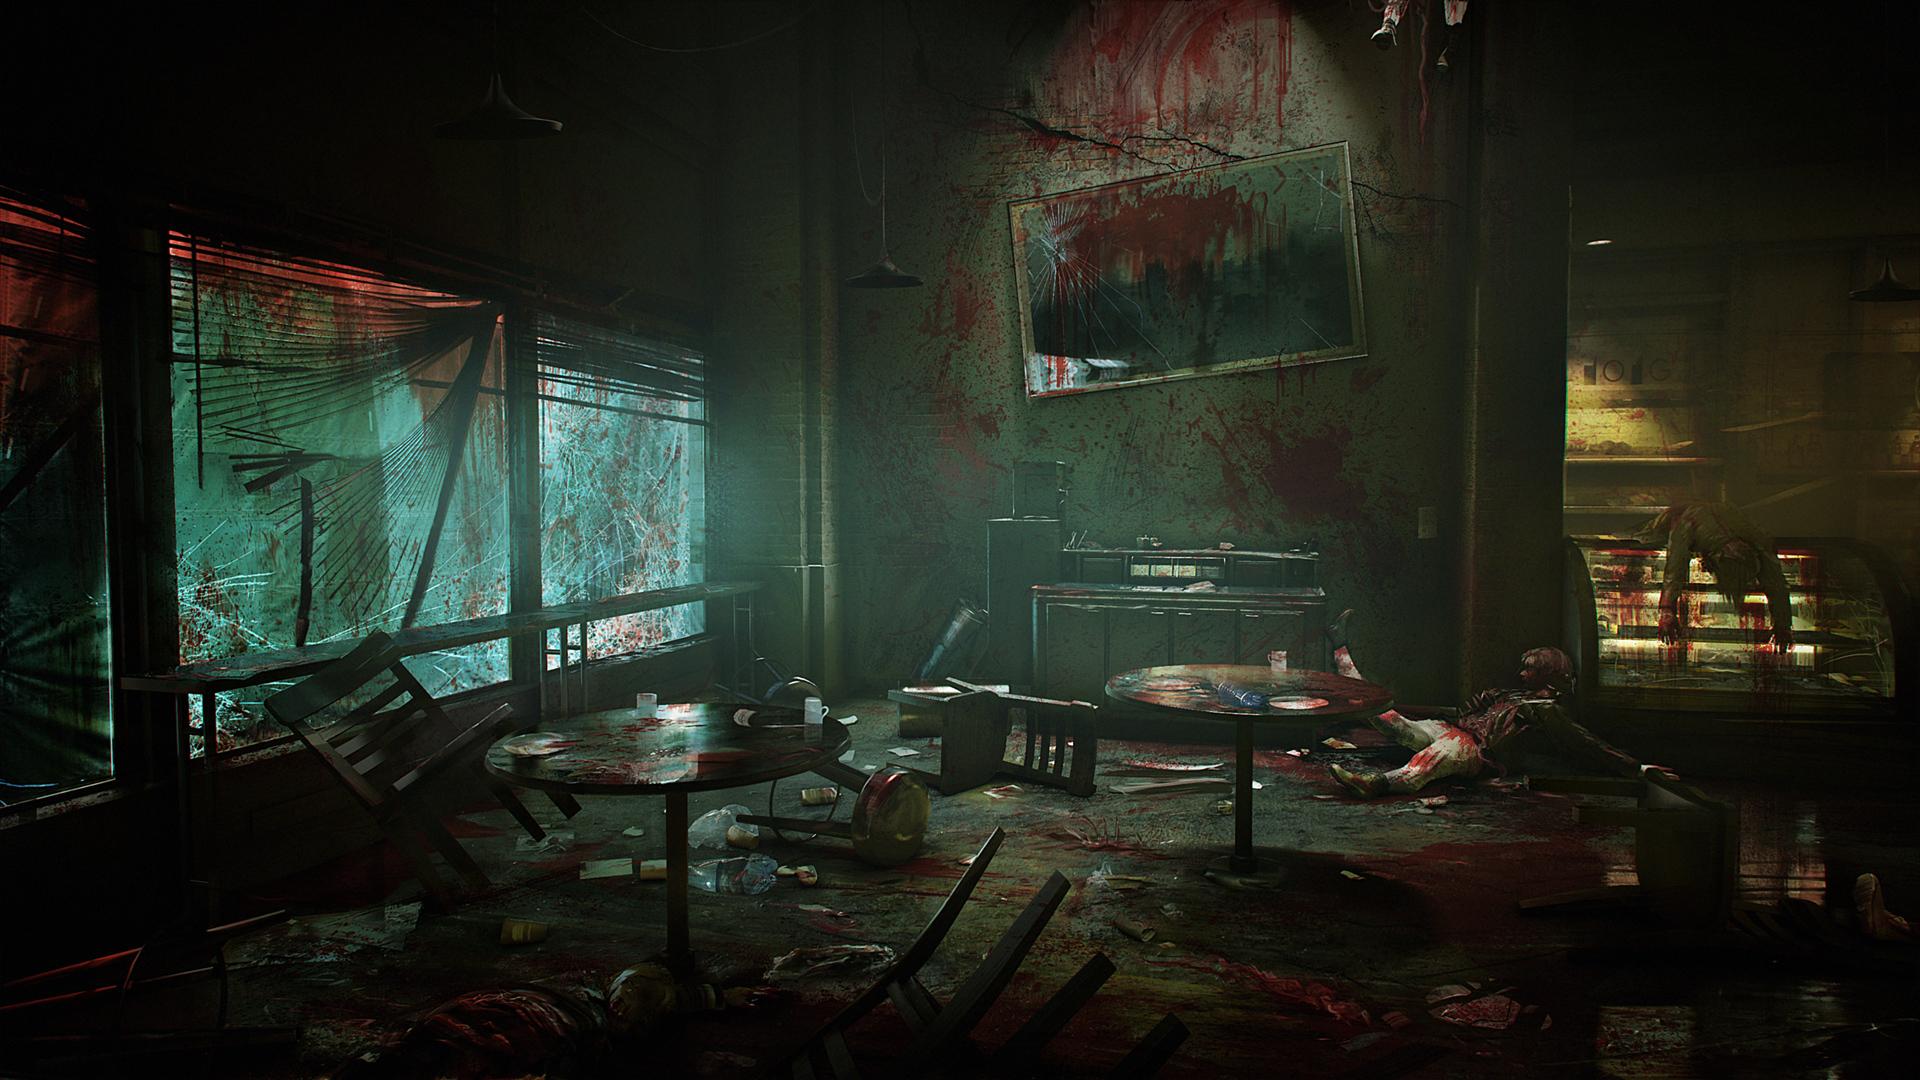 سی دی کی اریجینال استیم بازی Vampire: The Masquerade - Bloodlines 2